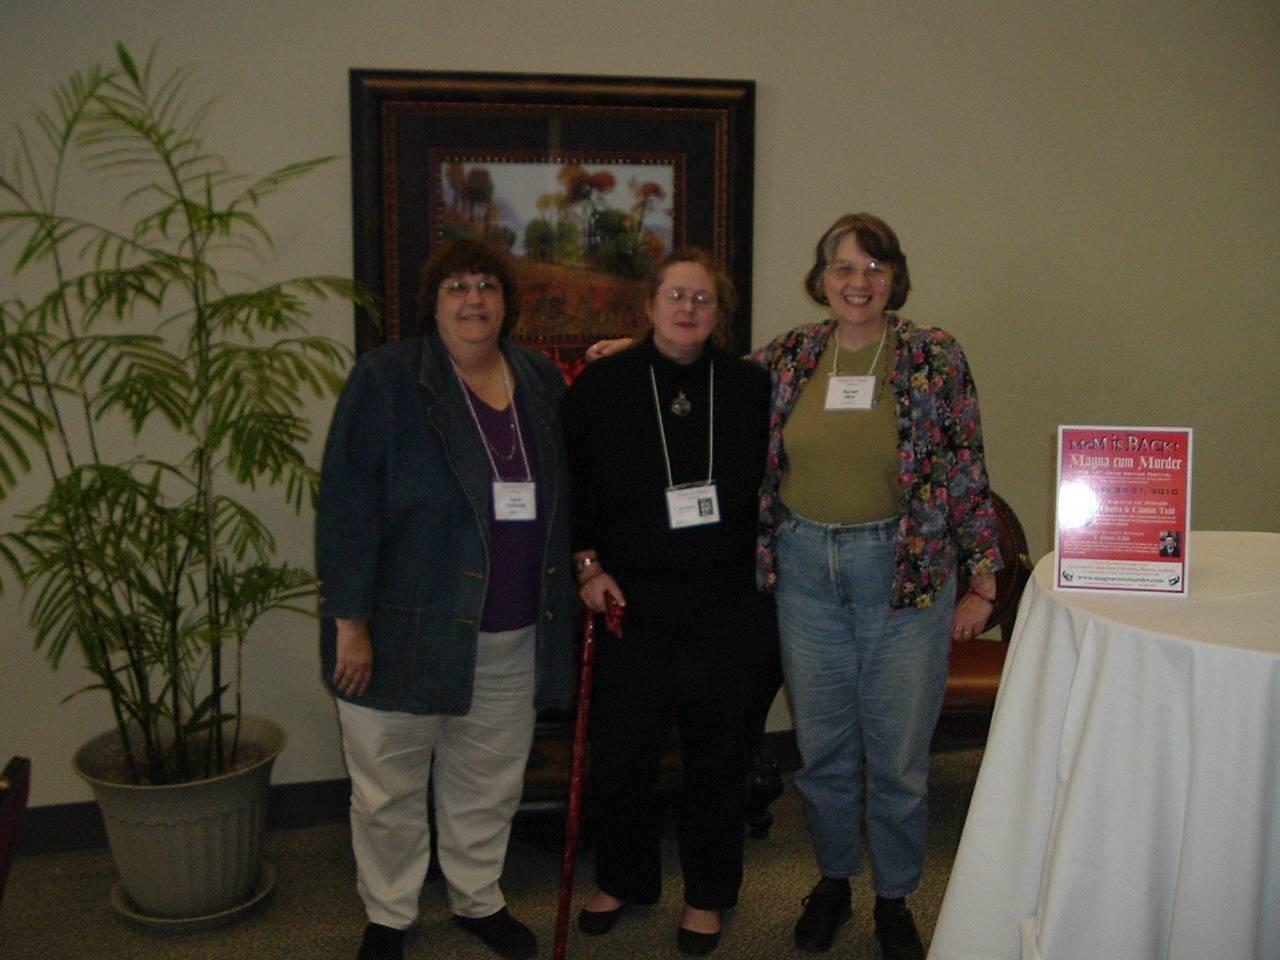 Me, T. Lee Harris, and Marian Allen